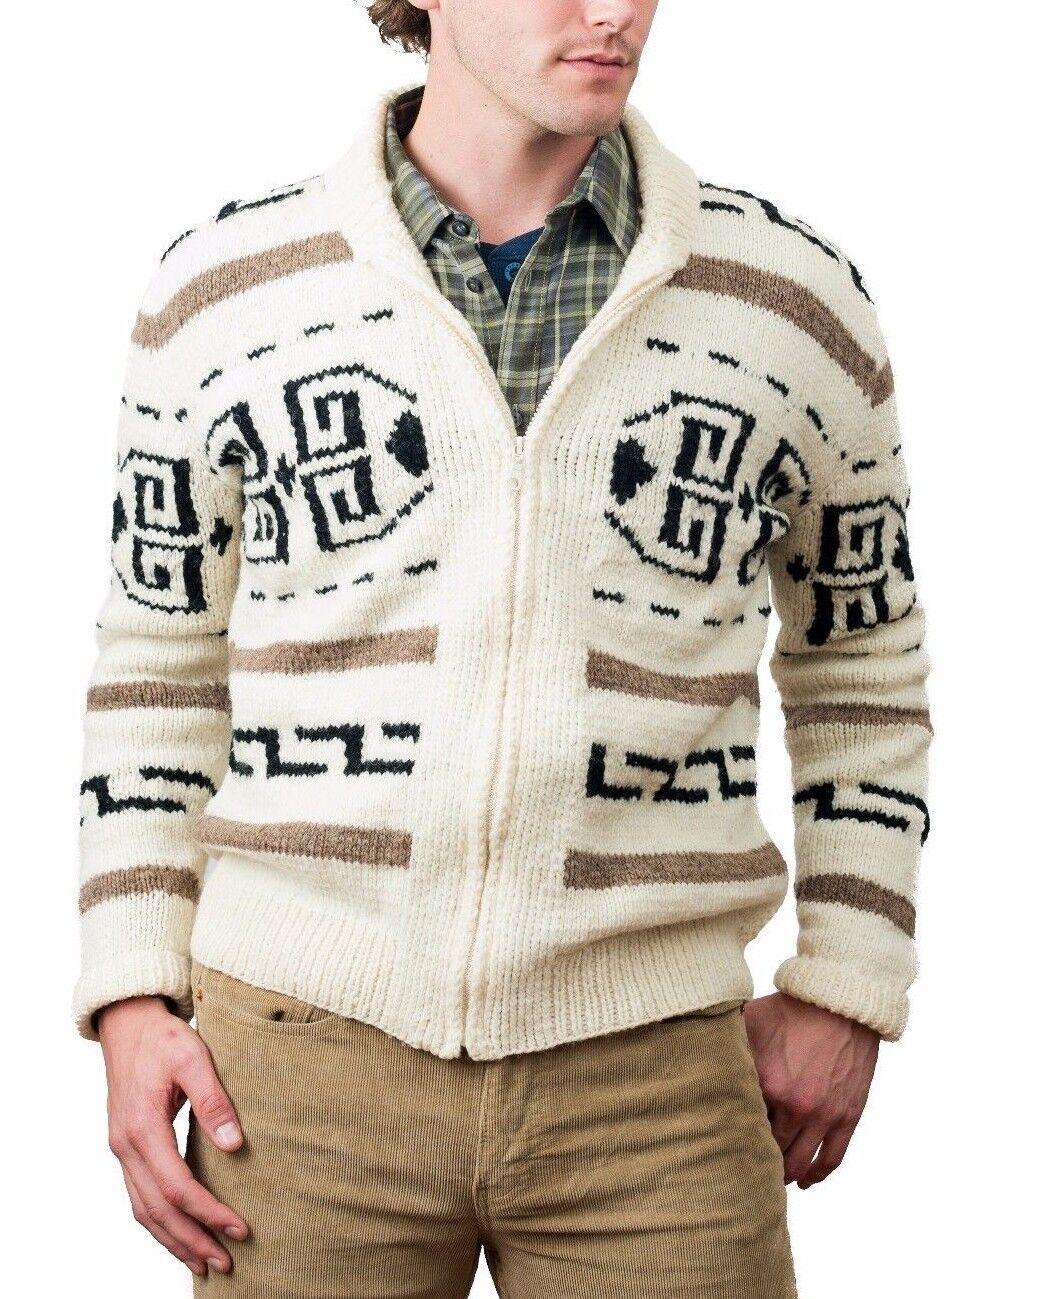 Big Lebowski Dude Sweater hand knit cardigan wool sweater Men's S, M, L, XL, 2XL